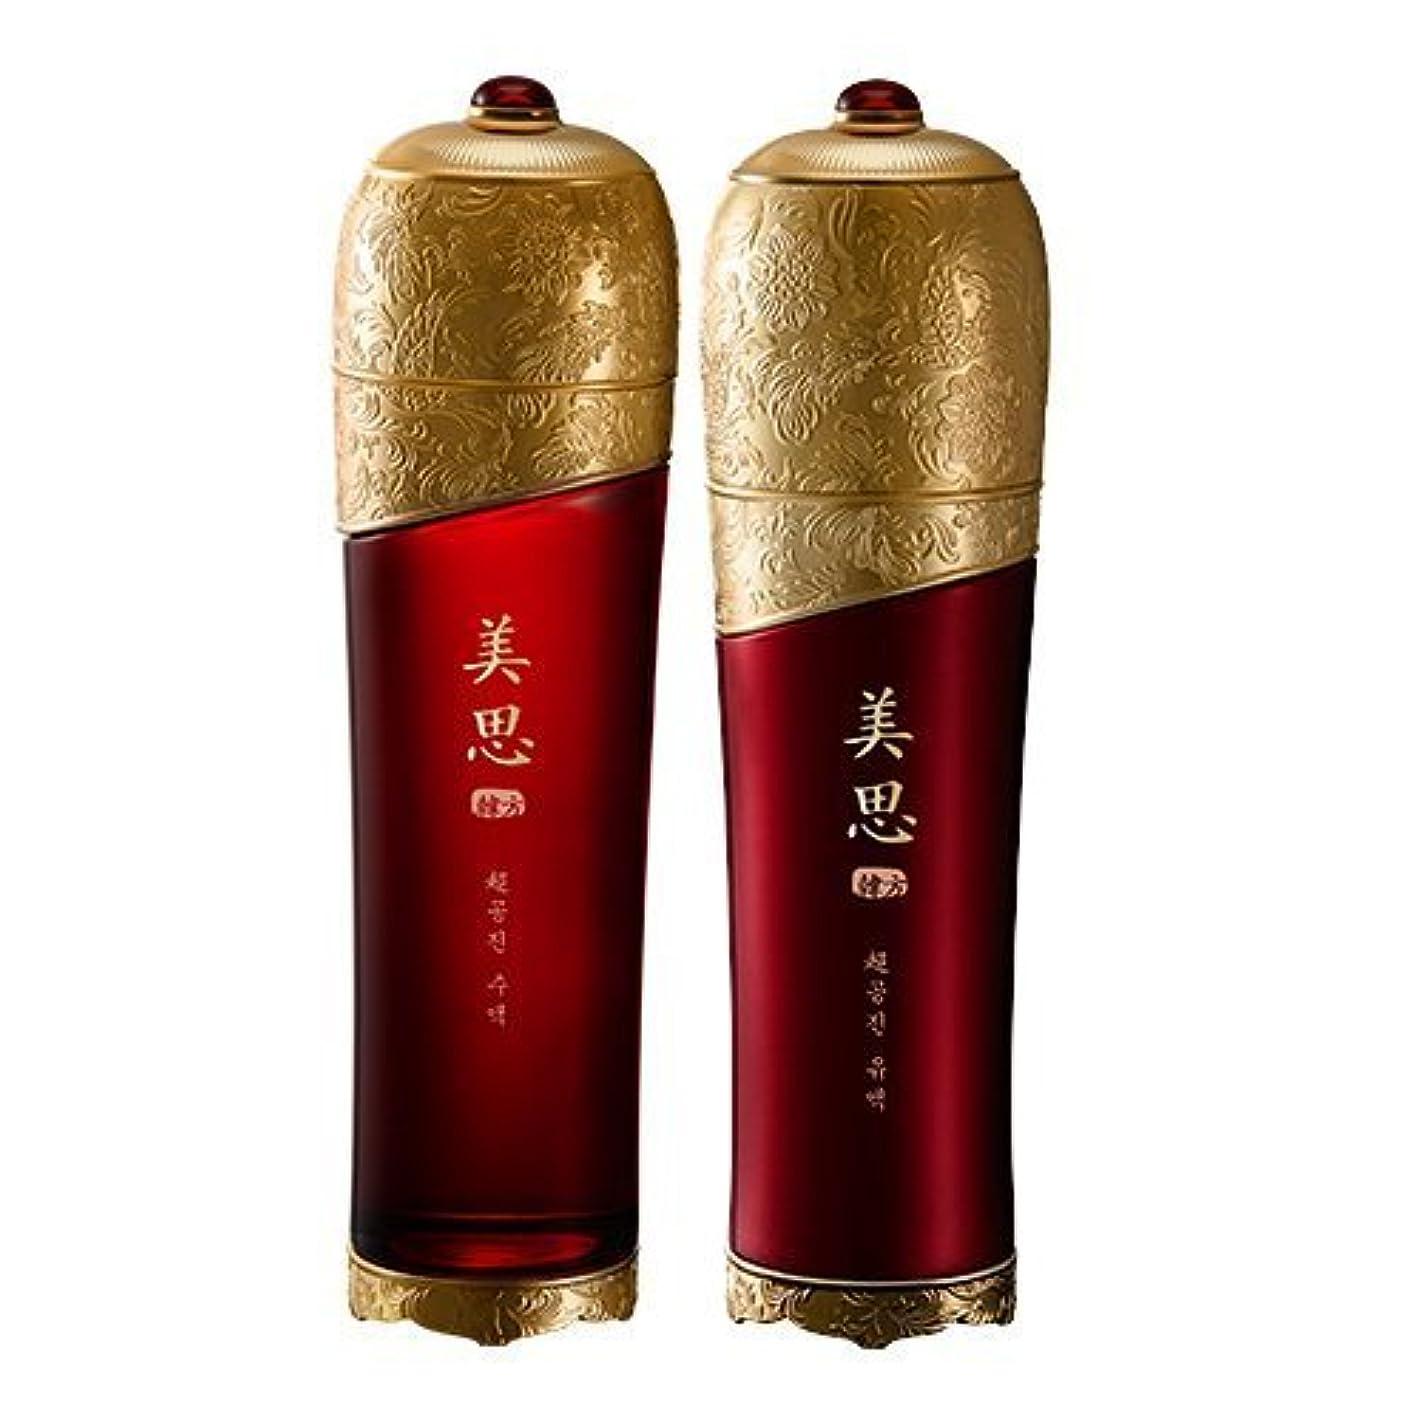 去るドレス恐れMISSHA(ミシャ) 美思 韓方 チョゴンジン 基礎化粧品 スキンケア 化粧水+乳液=お得2種Set